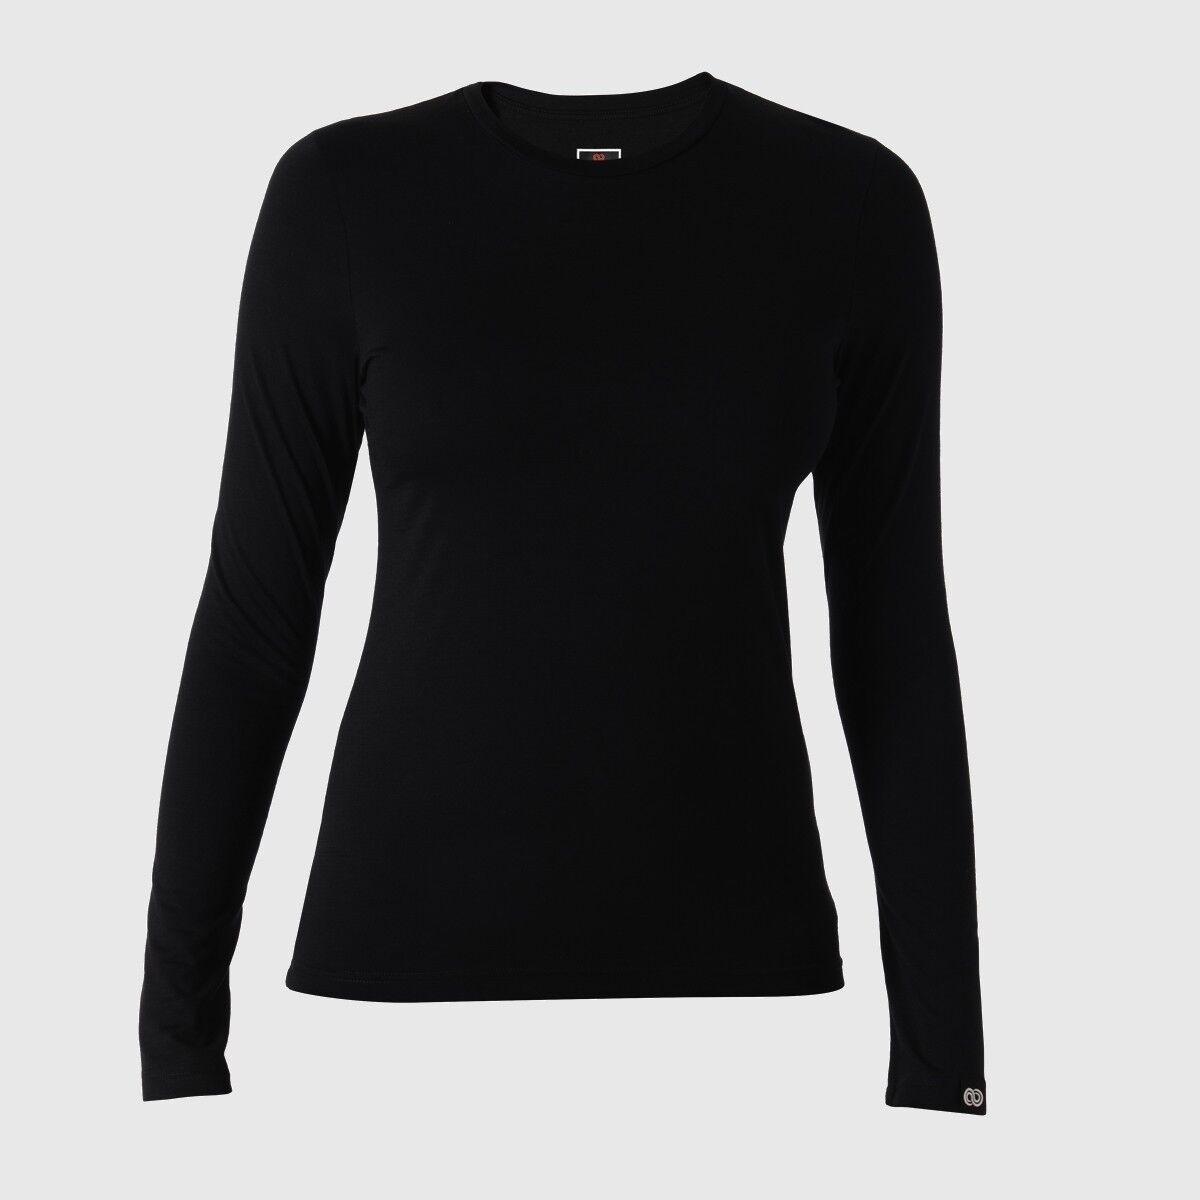 ROTA Rewoolution Berry  Damenschuhe T-Shirt T-Shirt Damenschuhe Long Sleeve 140  schwarz Merinowolle Gr L 70956a